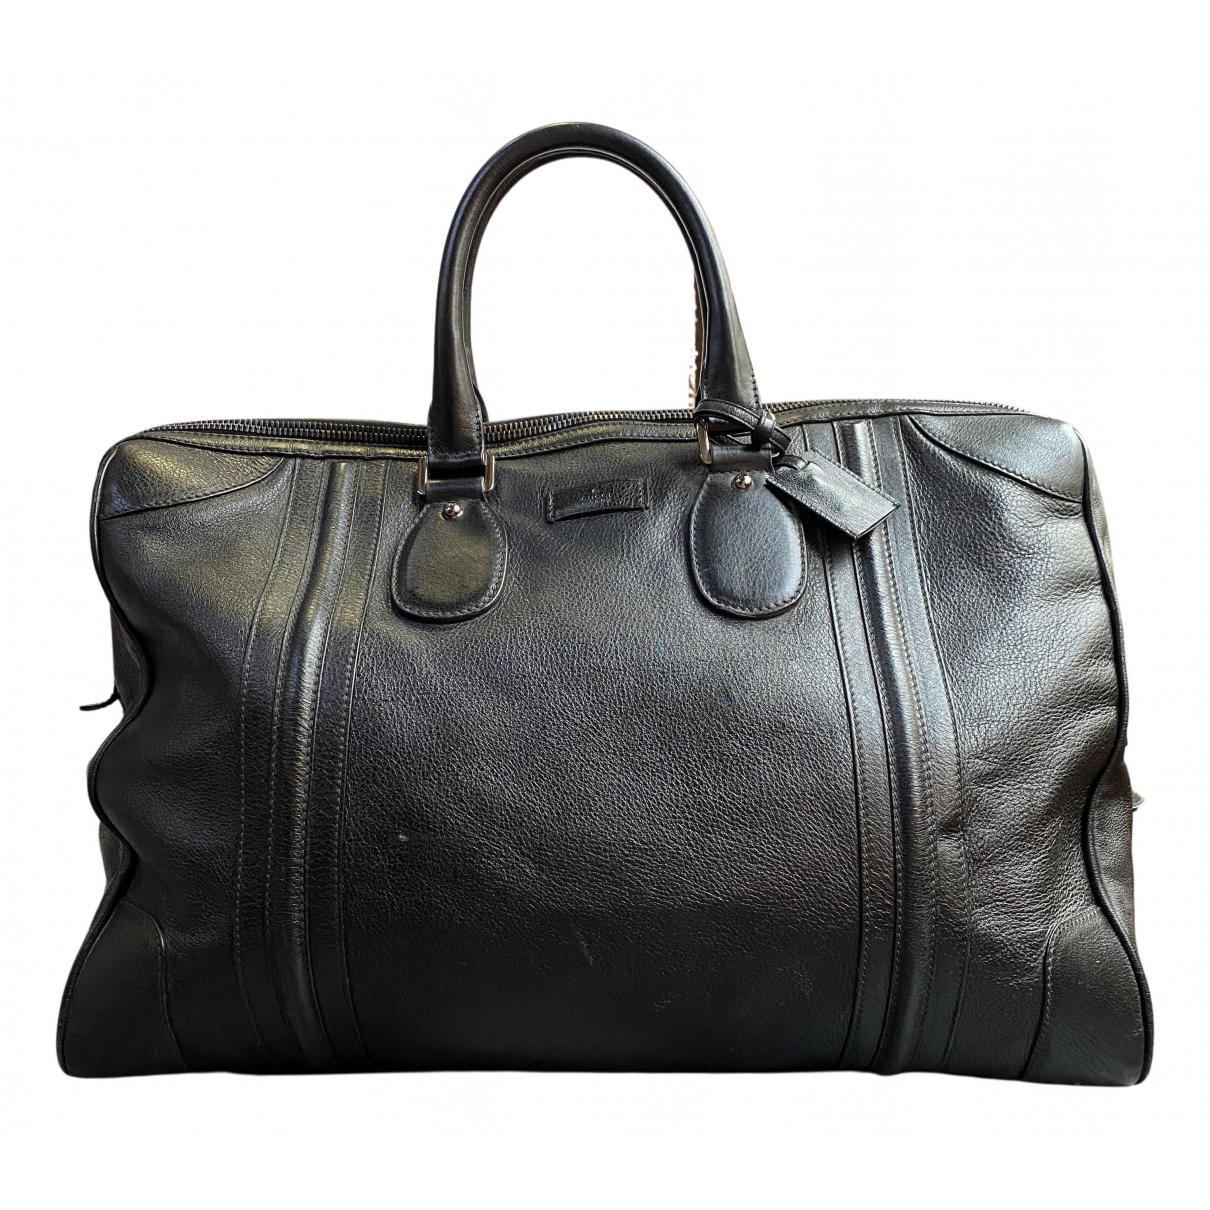 Gucci - Sac de voyage   pour femme en cuir - noir